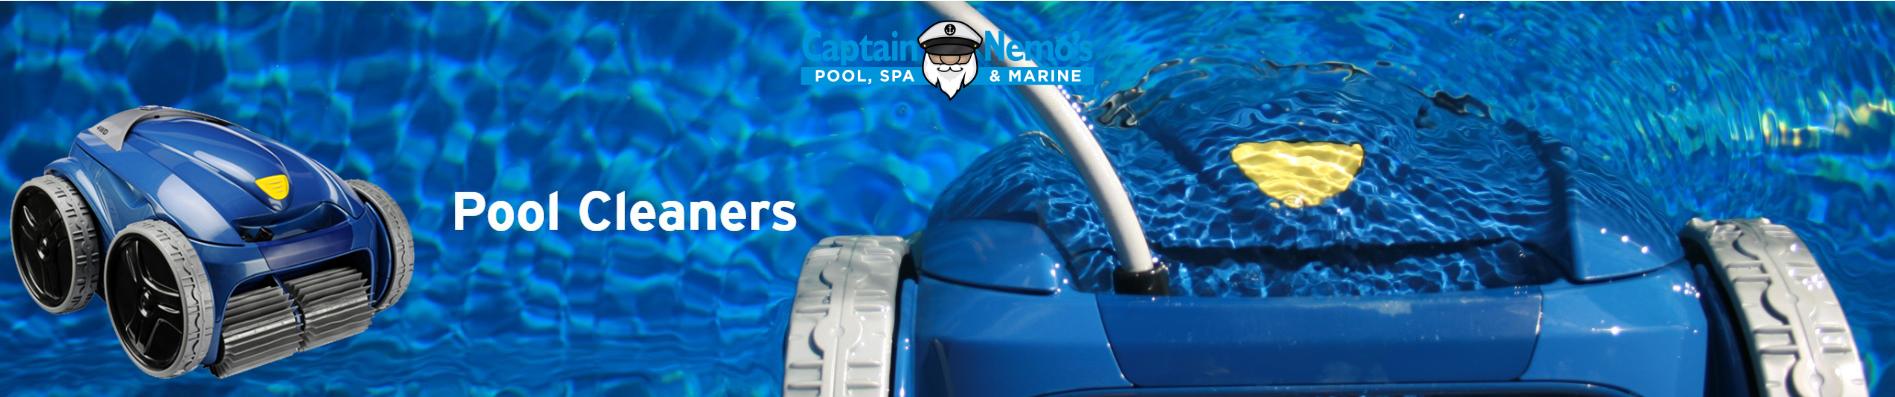 pool-cleanerss.jpg